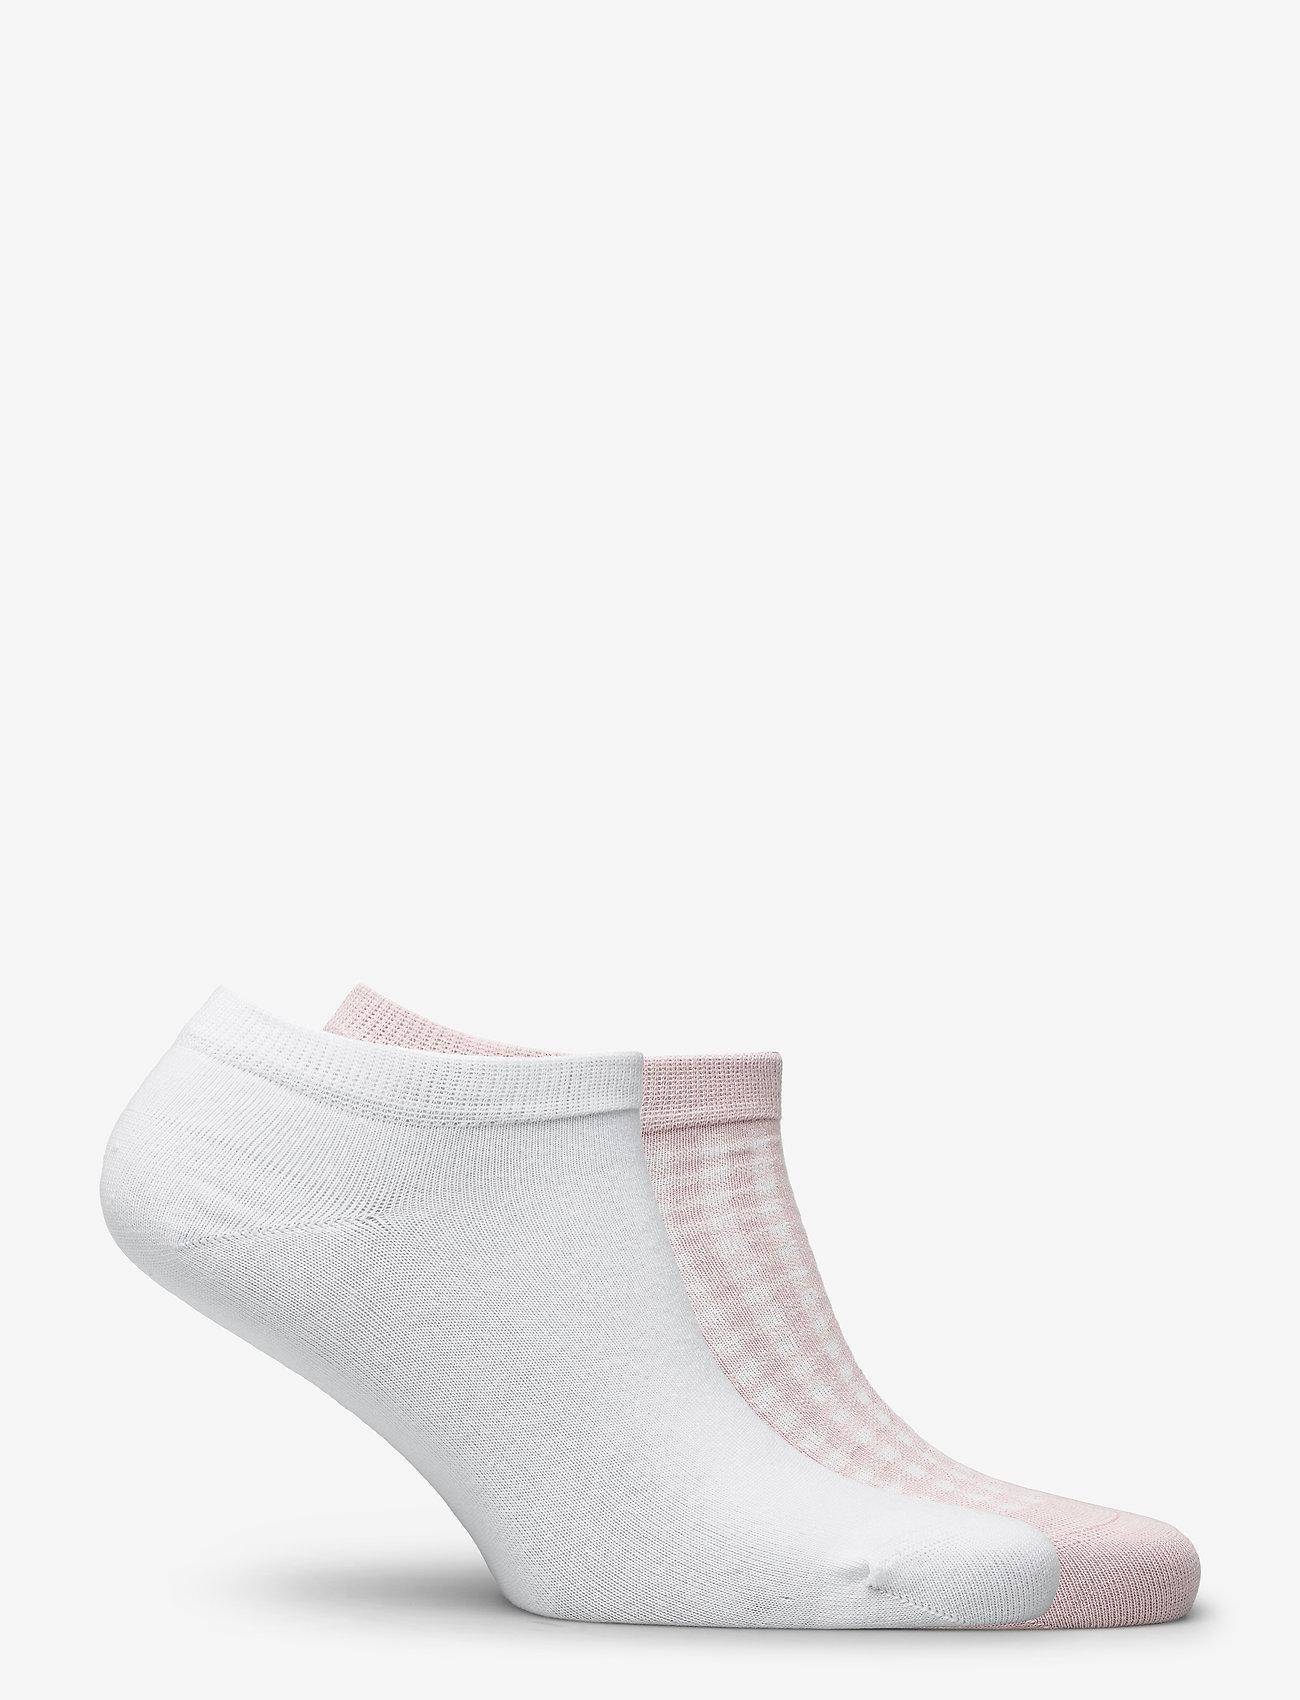 Vogue - Ladies anklesock, Bibi sneakers, 2-pack - sneakersokken - cameo rose - 1